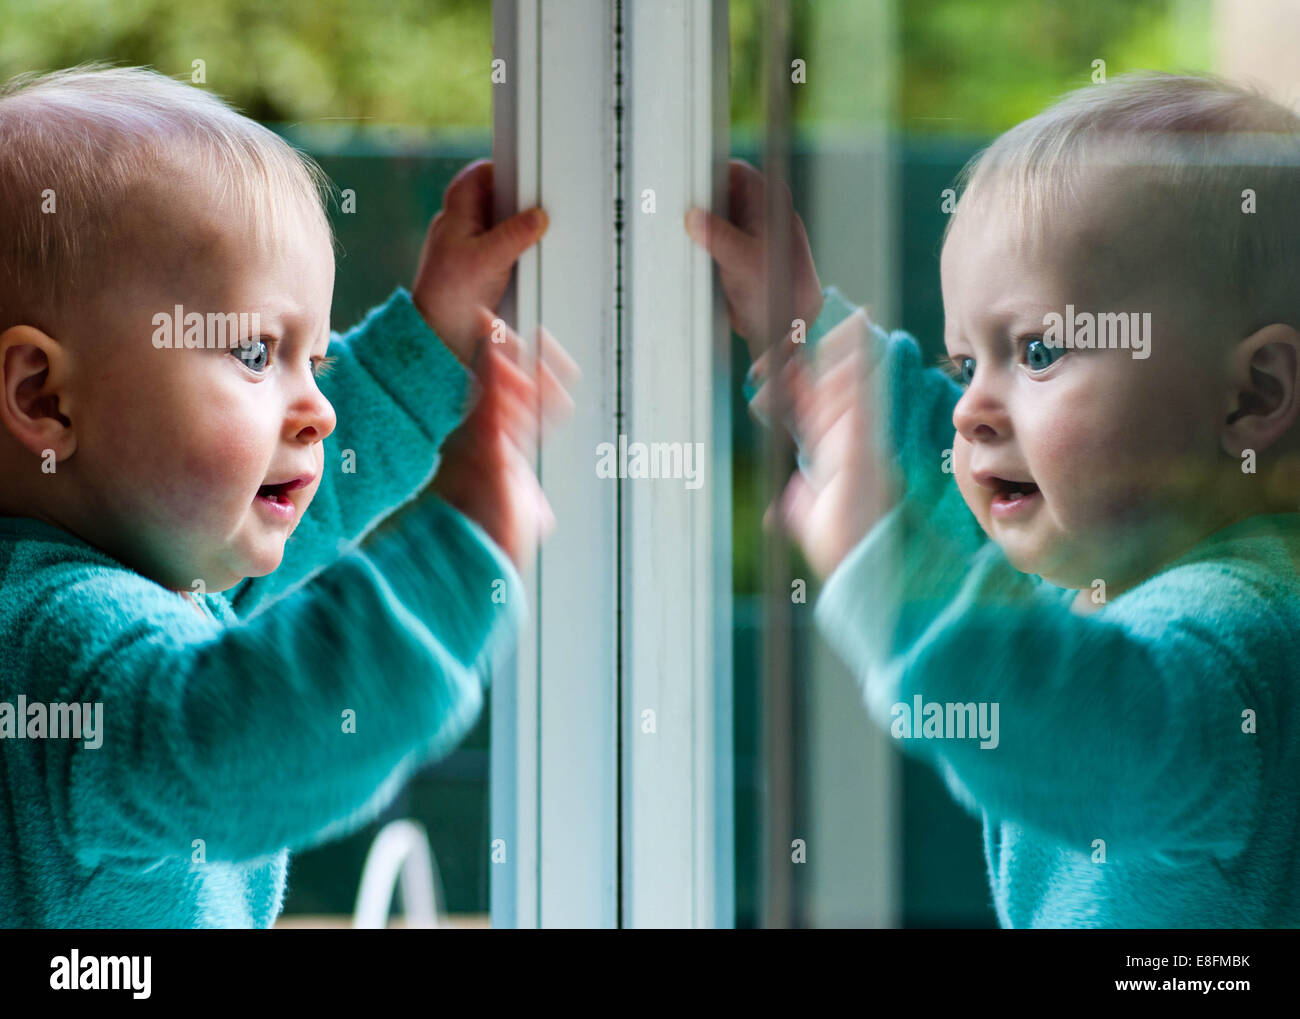 Baby Junge spielt mit seinem Spiegelbild im Fenster Stockbild